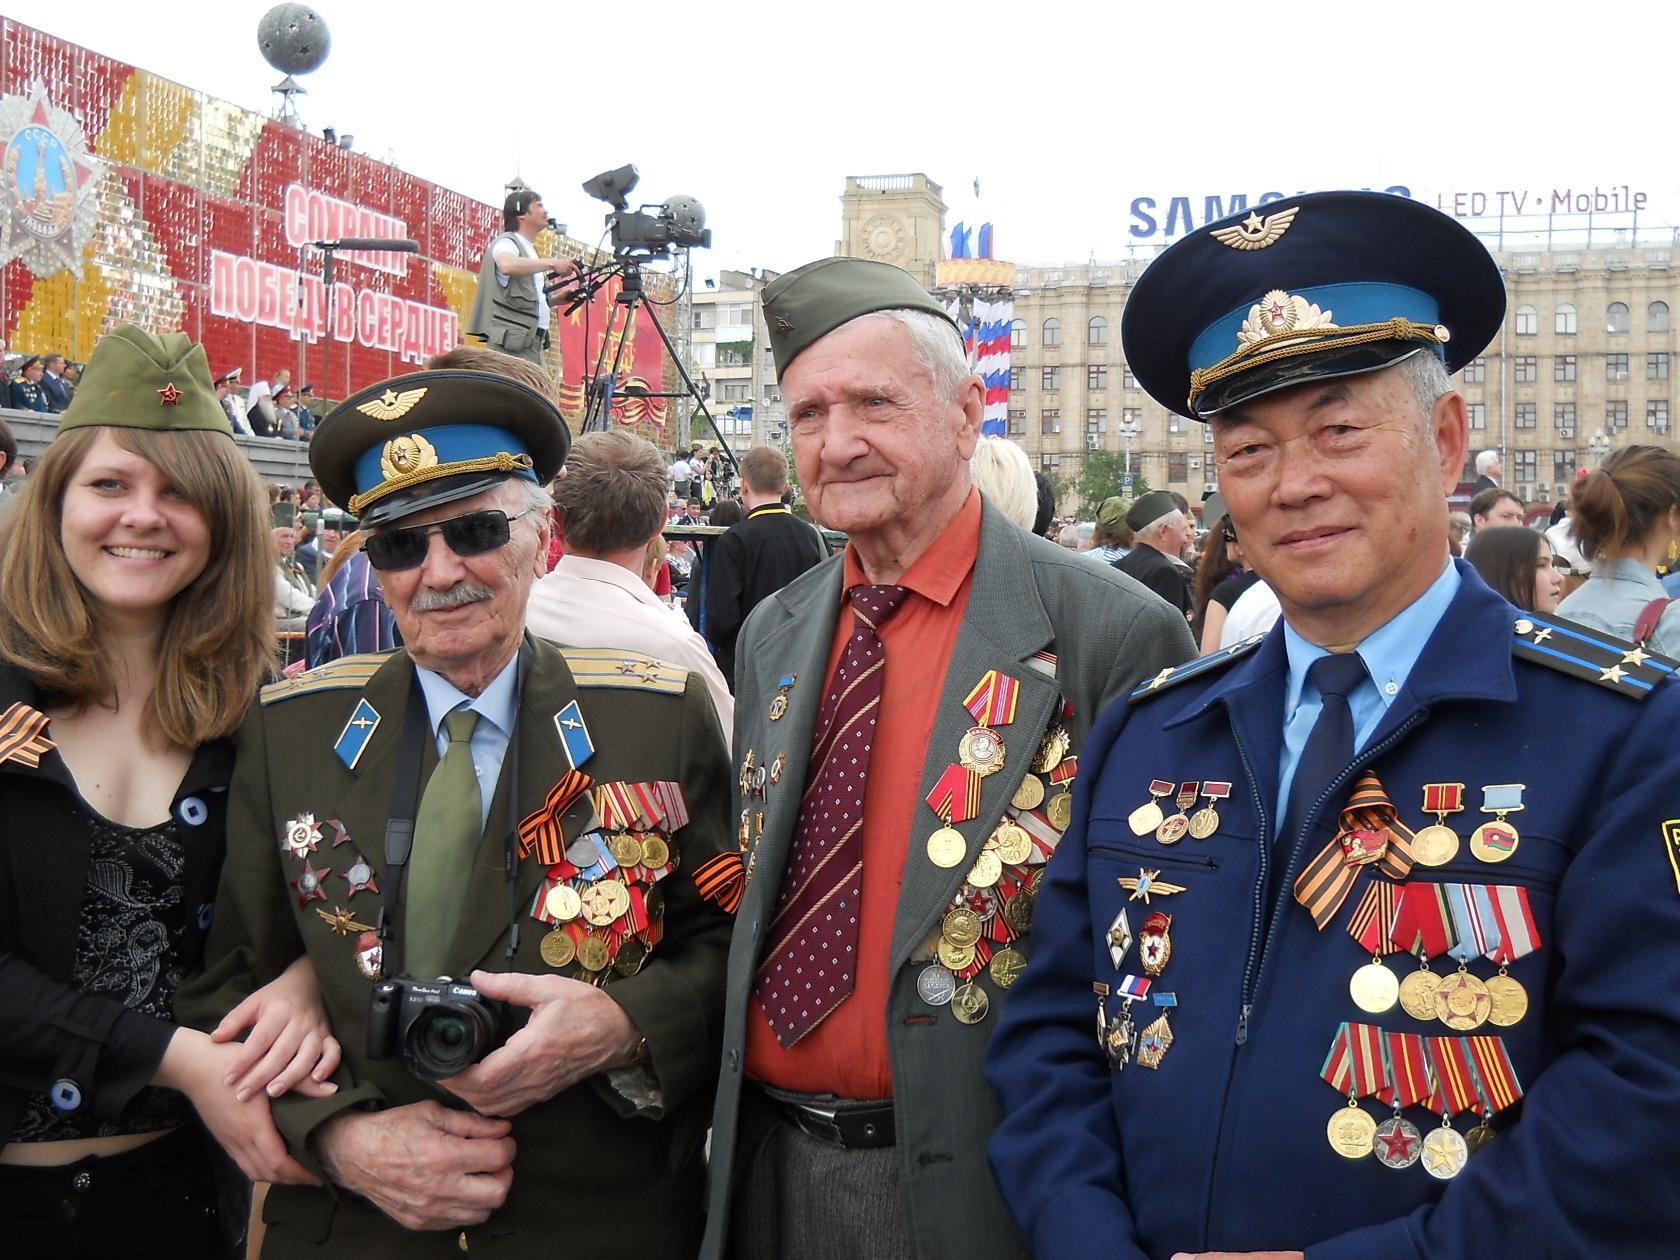 Москва 9 мая 2013 года.jpg